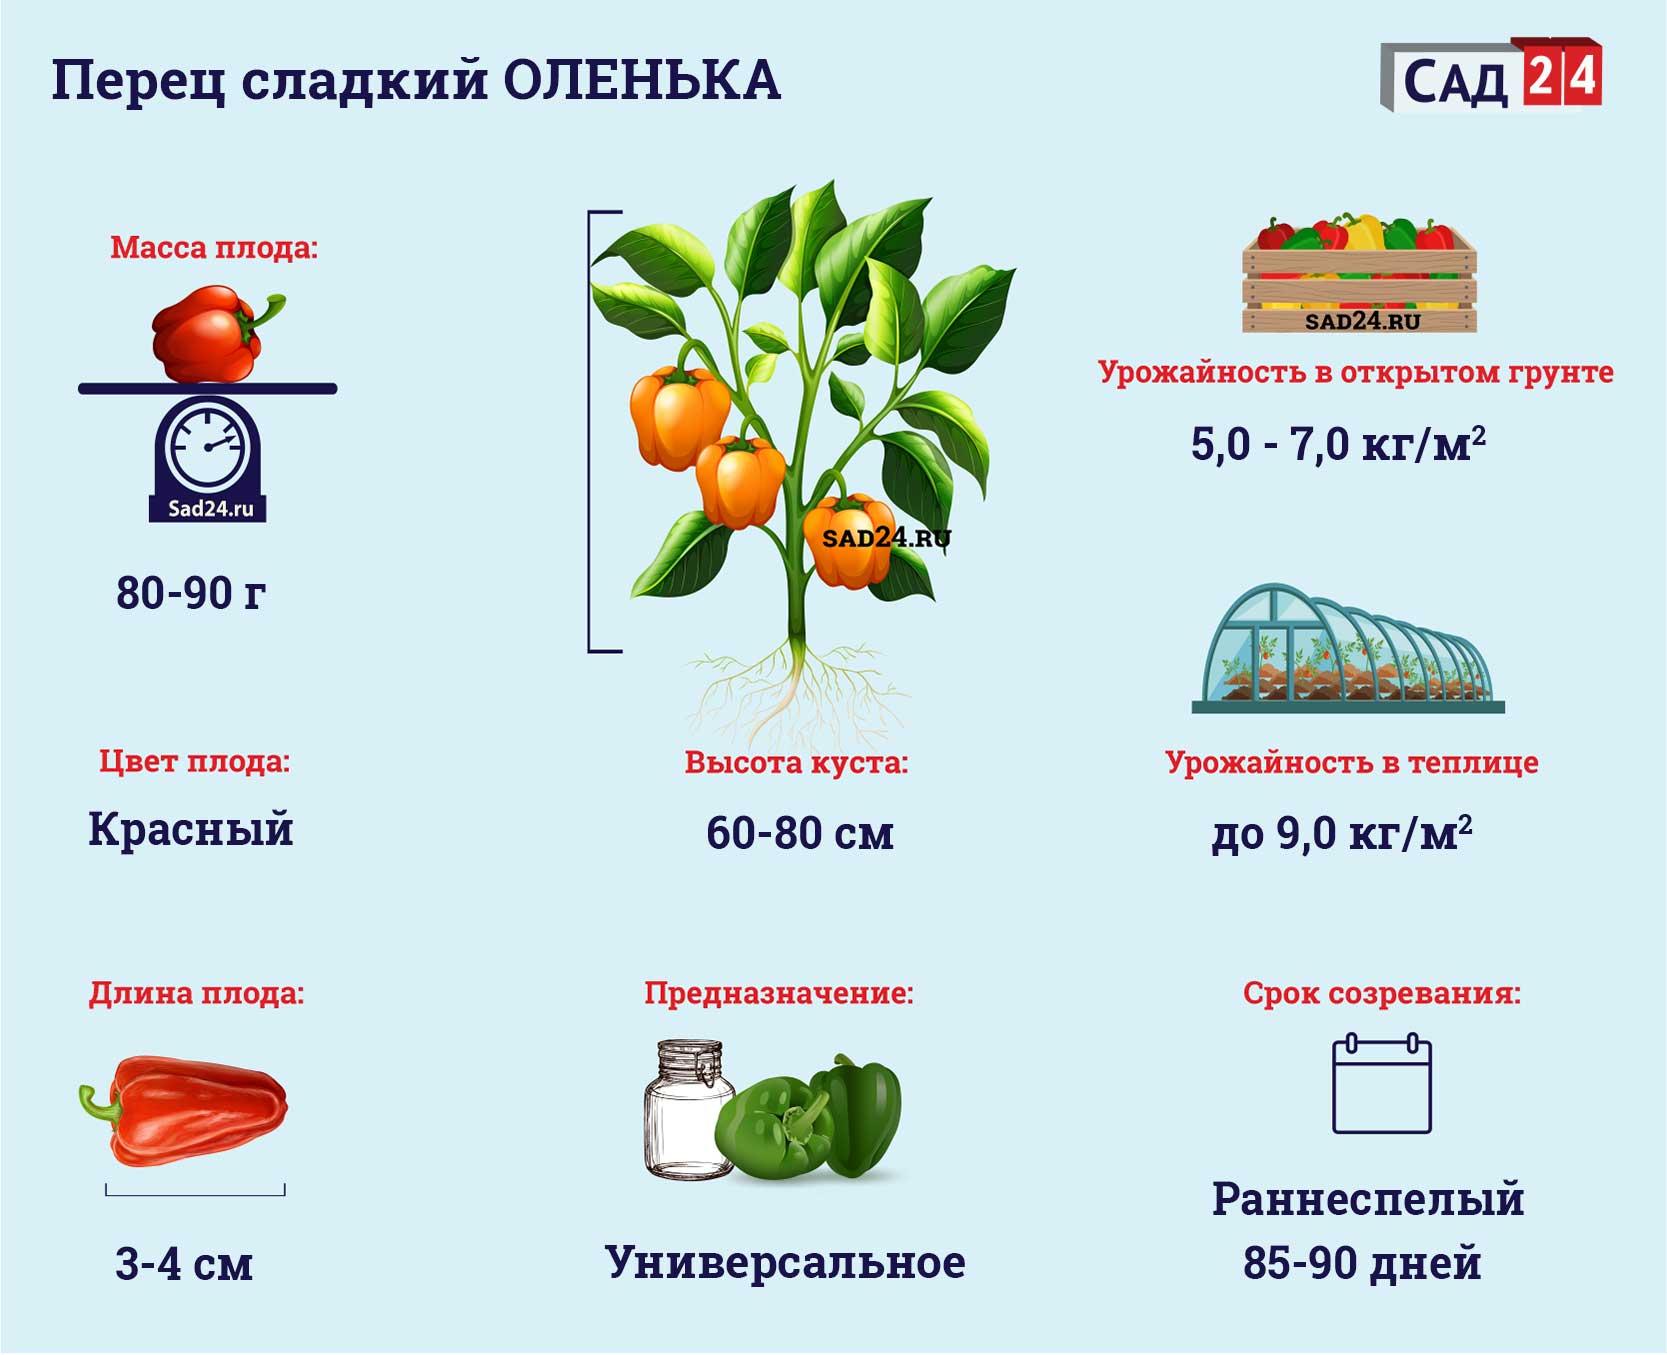 Оленька - https://sad24.ru